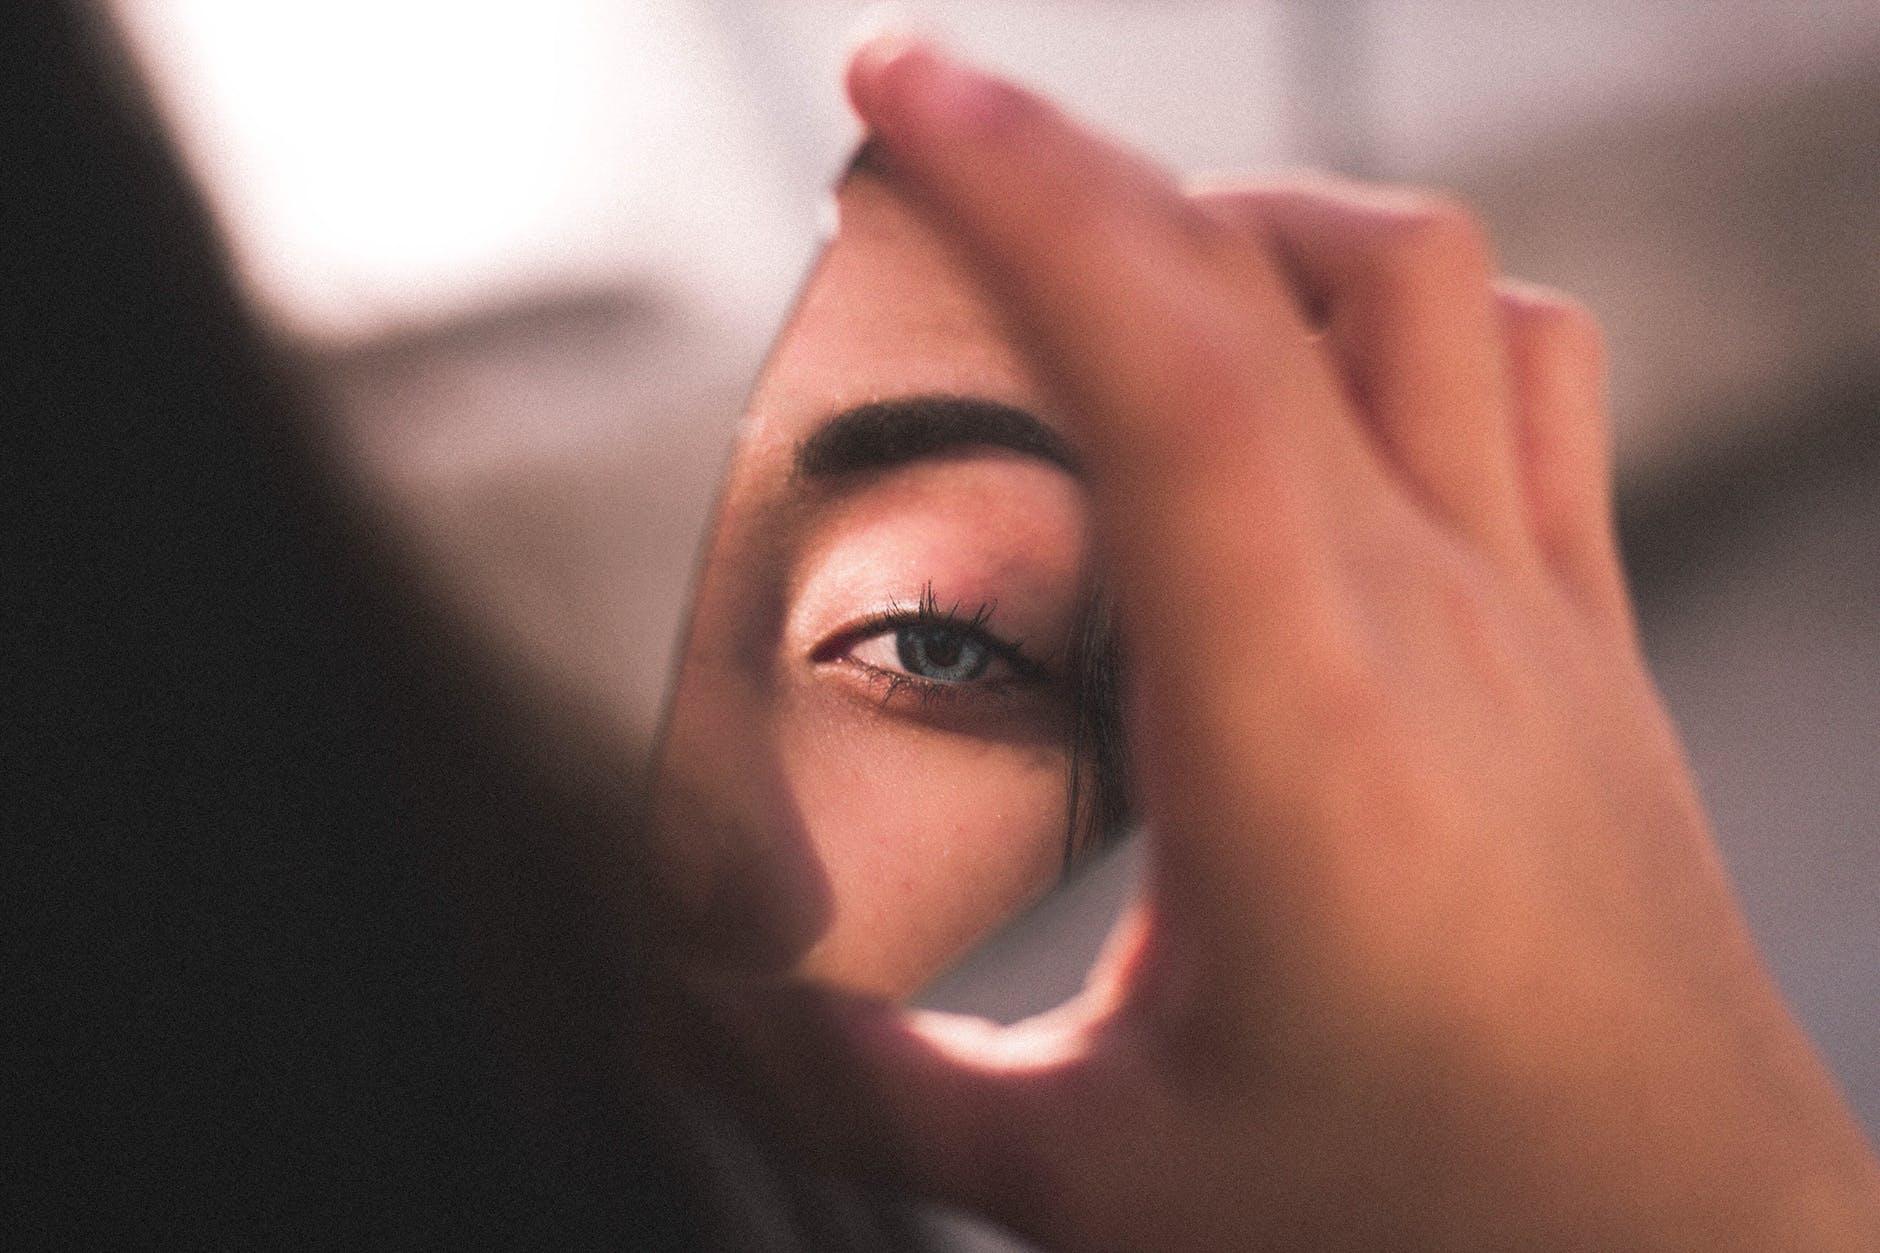 ritratto fotografico fine art di donna che tiene in mano uno specchio rotto dove si specchia il suo occhio azzurro